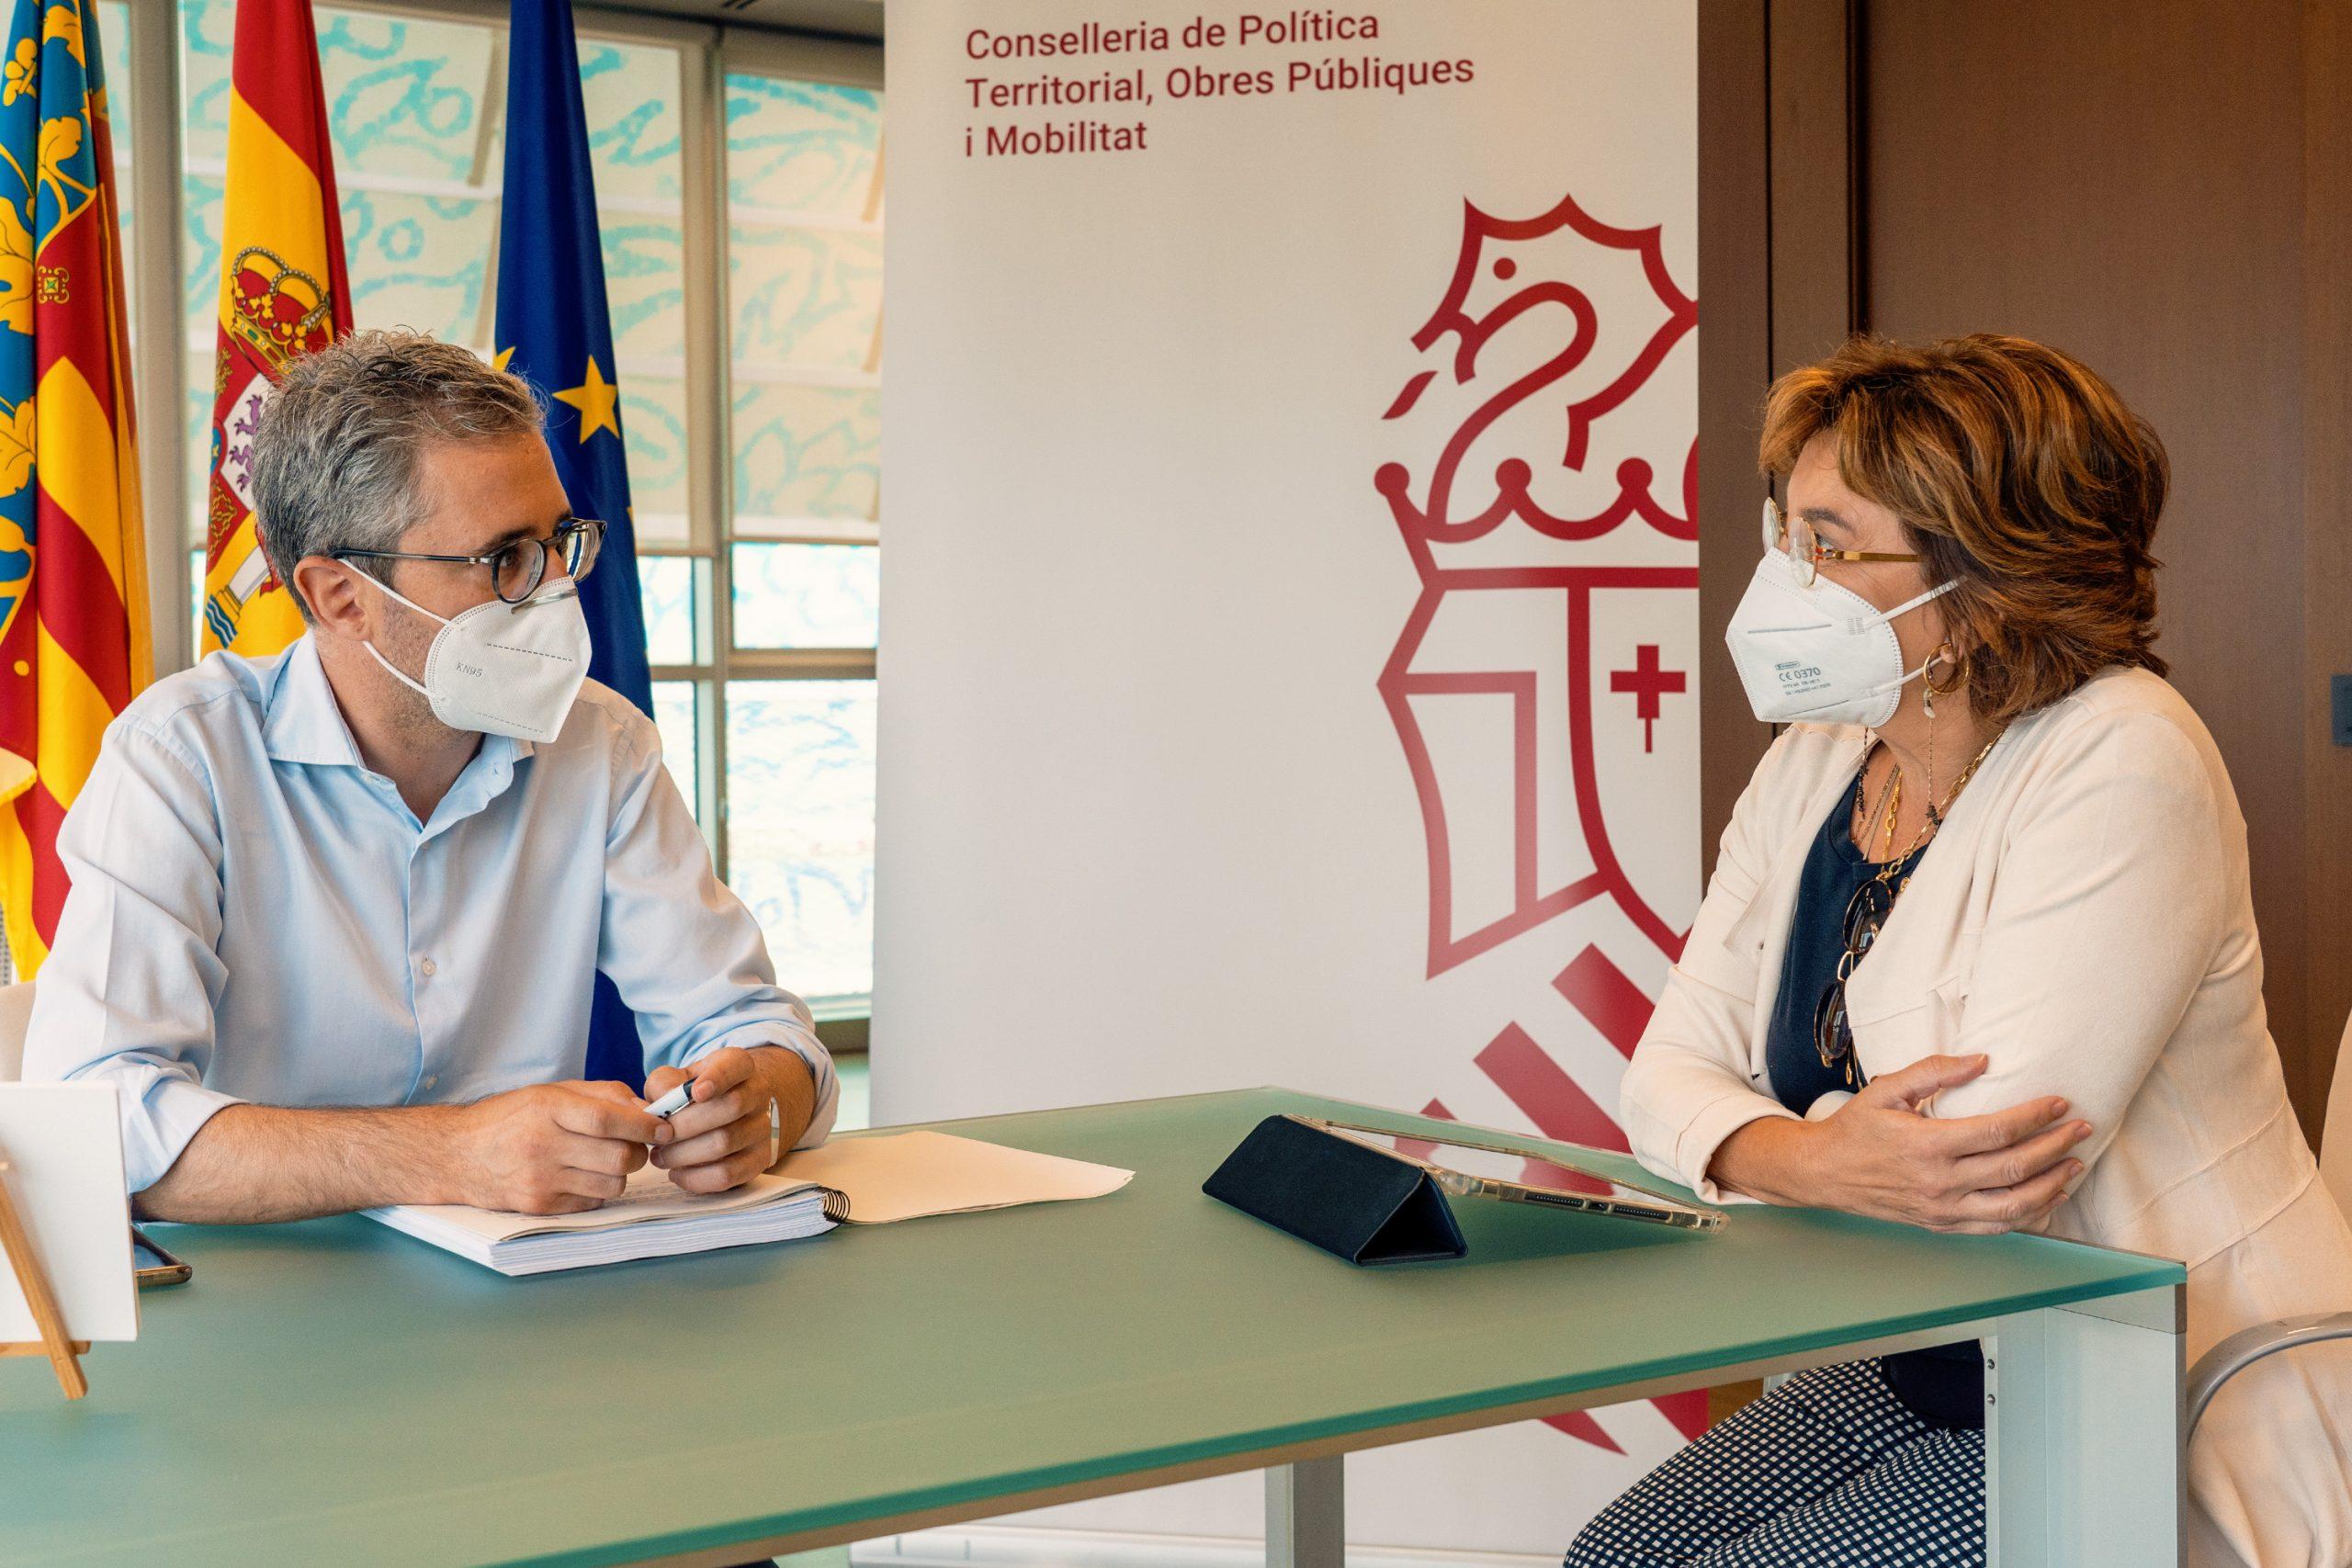 El aeropuerto de Castellón avanza en la recuperación del tráfico comercial con un aumento del 22% de los pasajeros en el periodo de verano